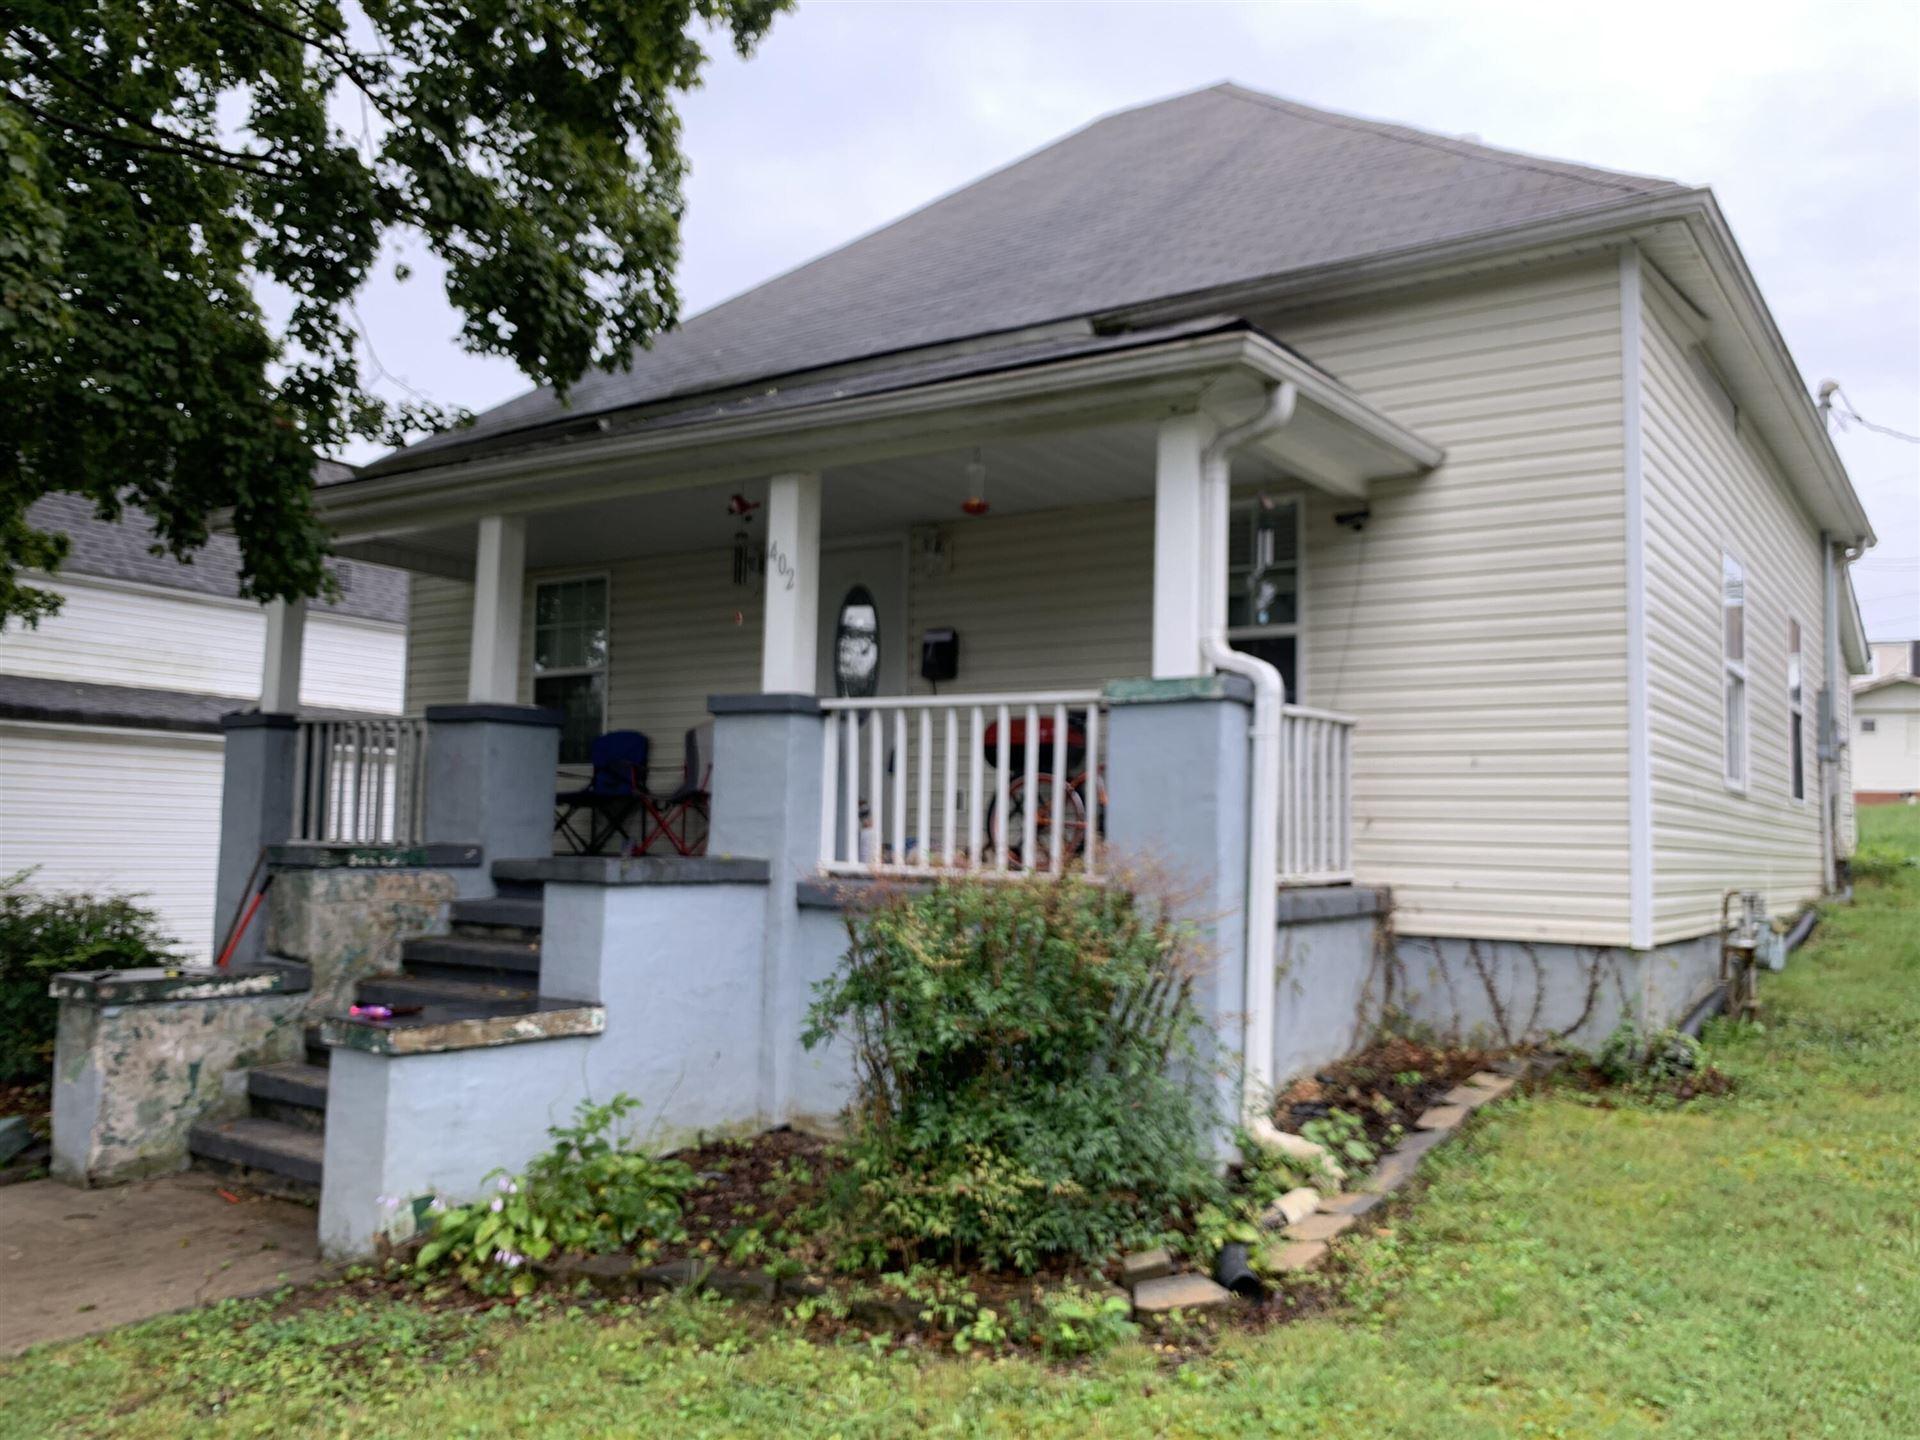 Photo of 402 Waller St, Lenoir City, TN 37771 (MLS # 1161143)